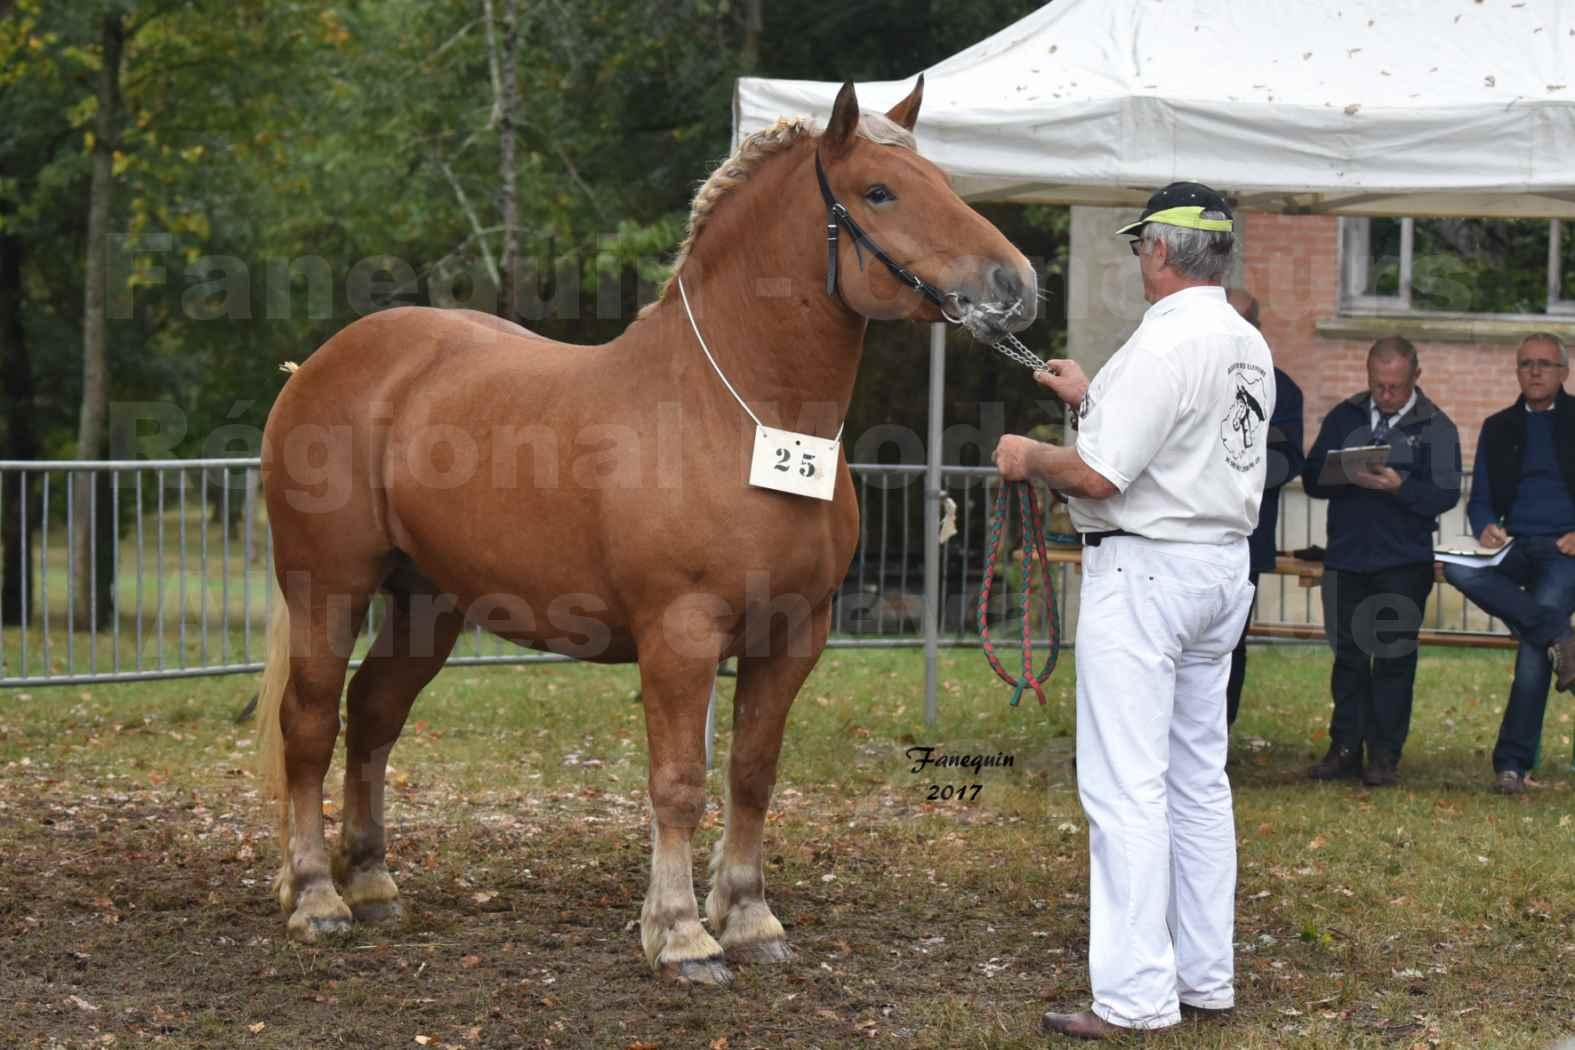 Concours Régional de chevaux de traits en 2017 - Trait COMTOIS  - EGLANTINE DE BENS - 01